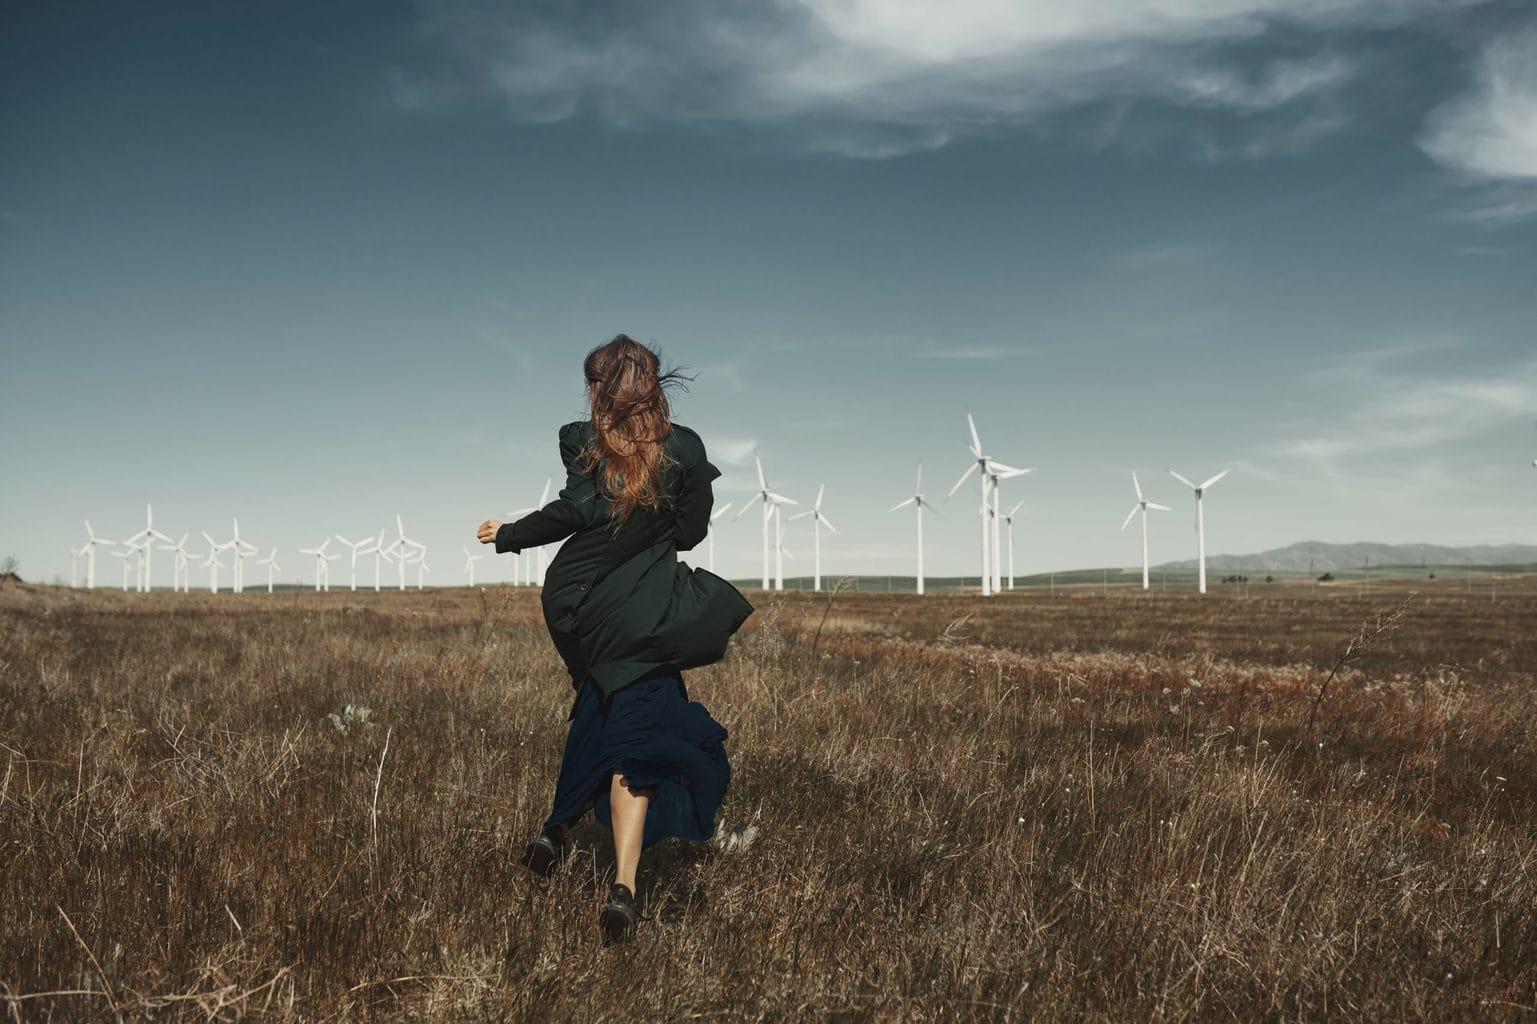 Vrouw loopt door een veld in richting van eindturbine als symbool voor duurzame mode uit Duitsland